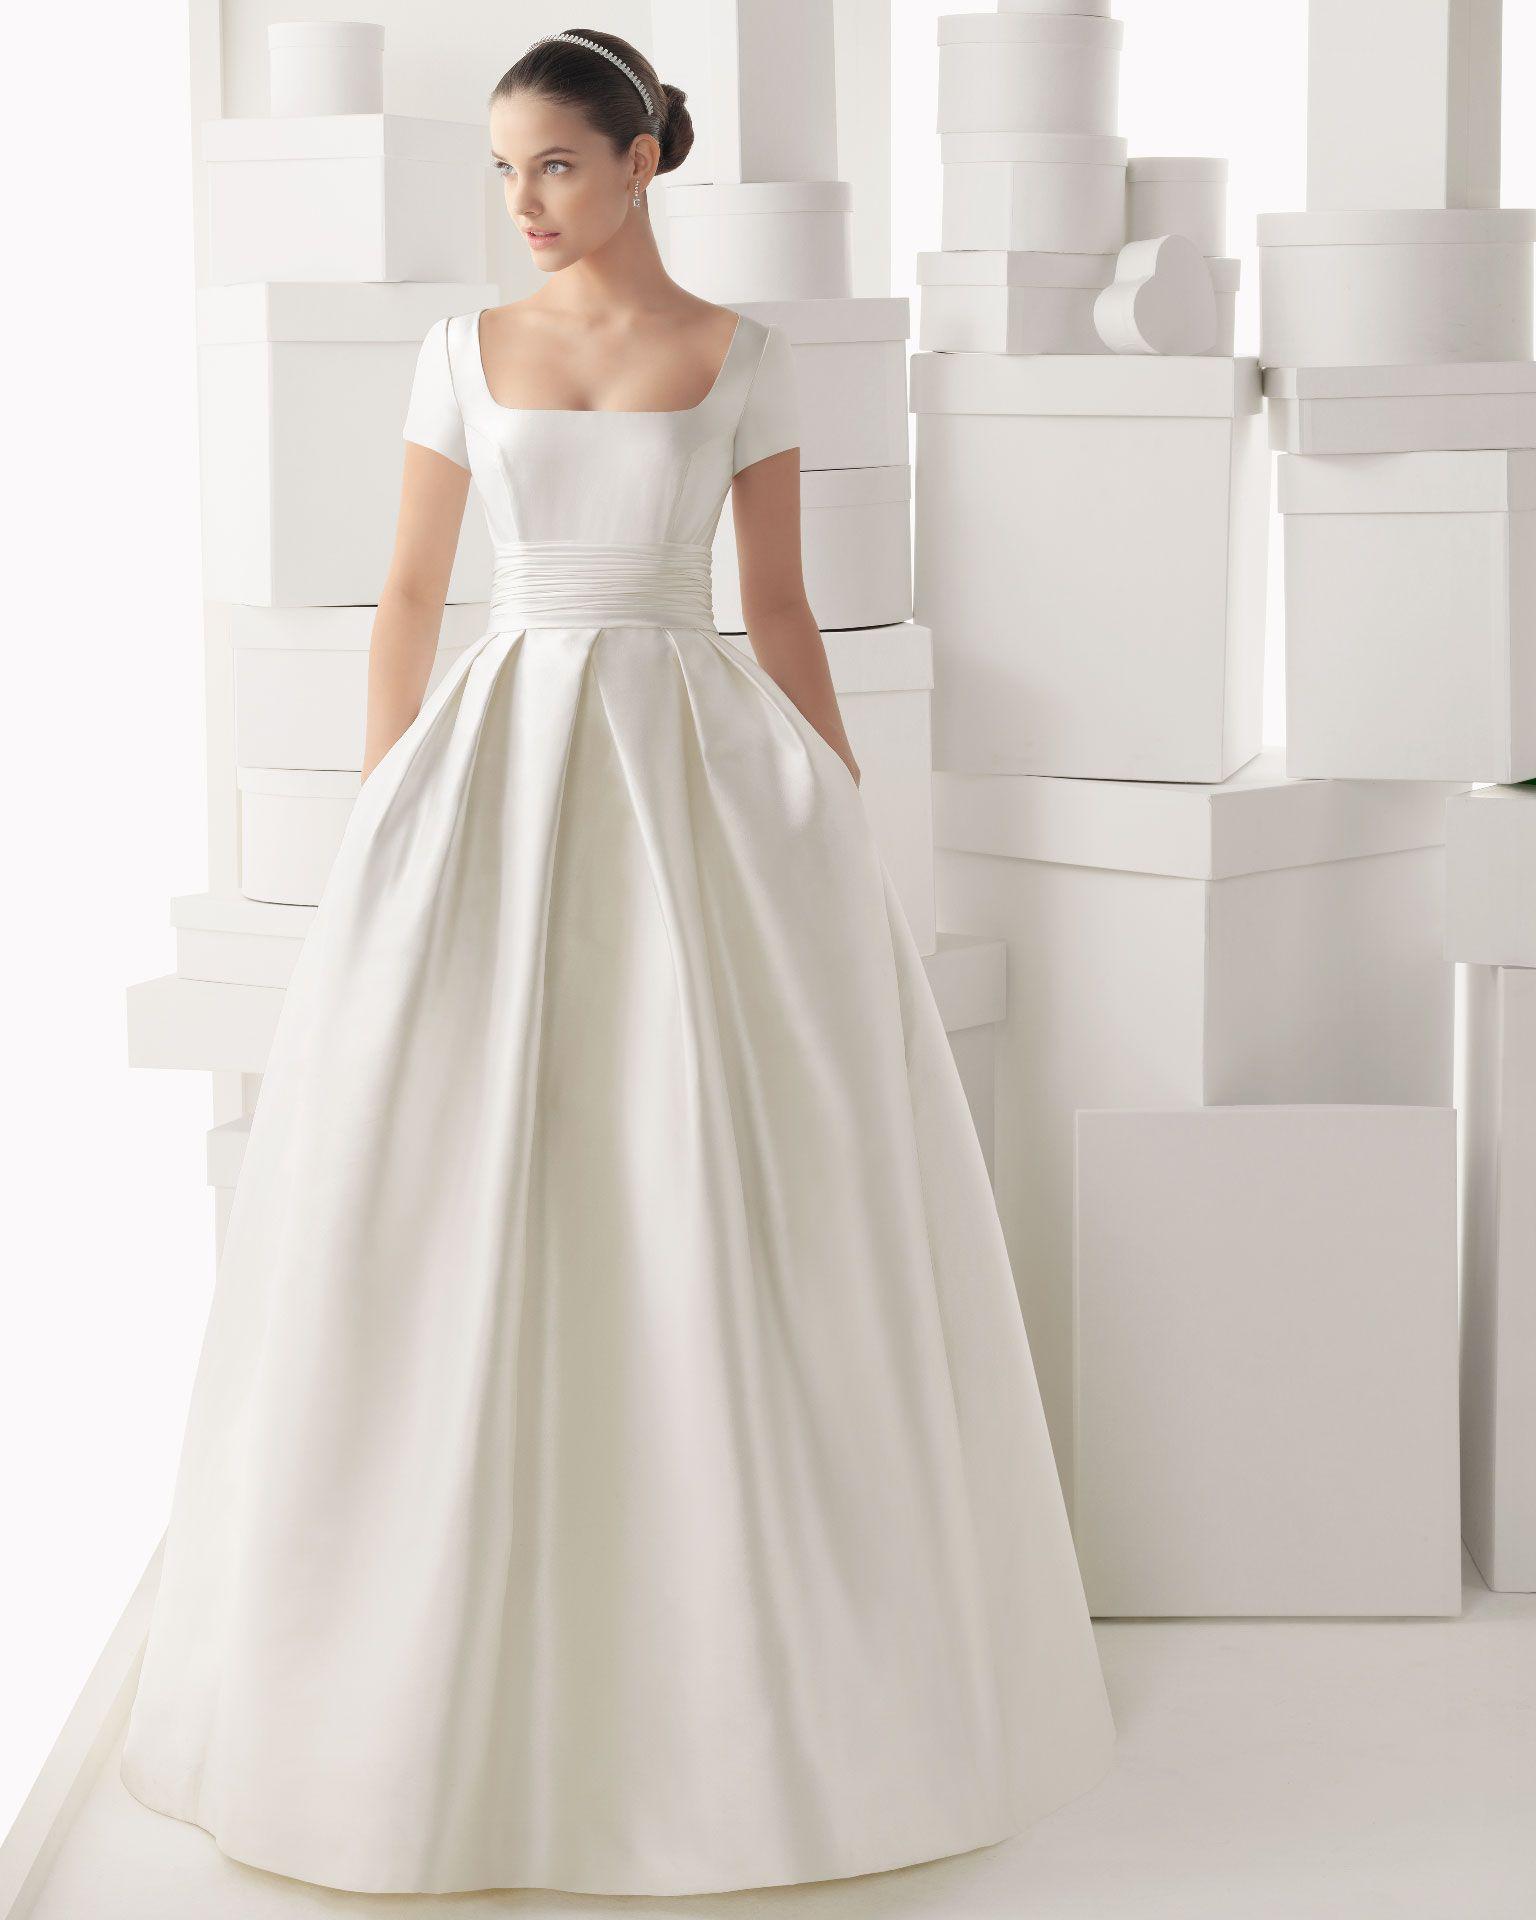 Vestidos de novia y vestidos de fiesta   Colores naturales, De novia ...